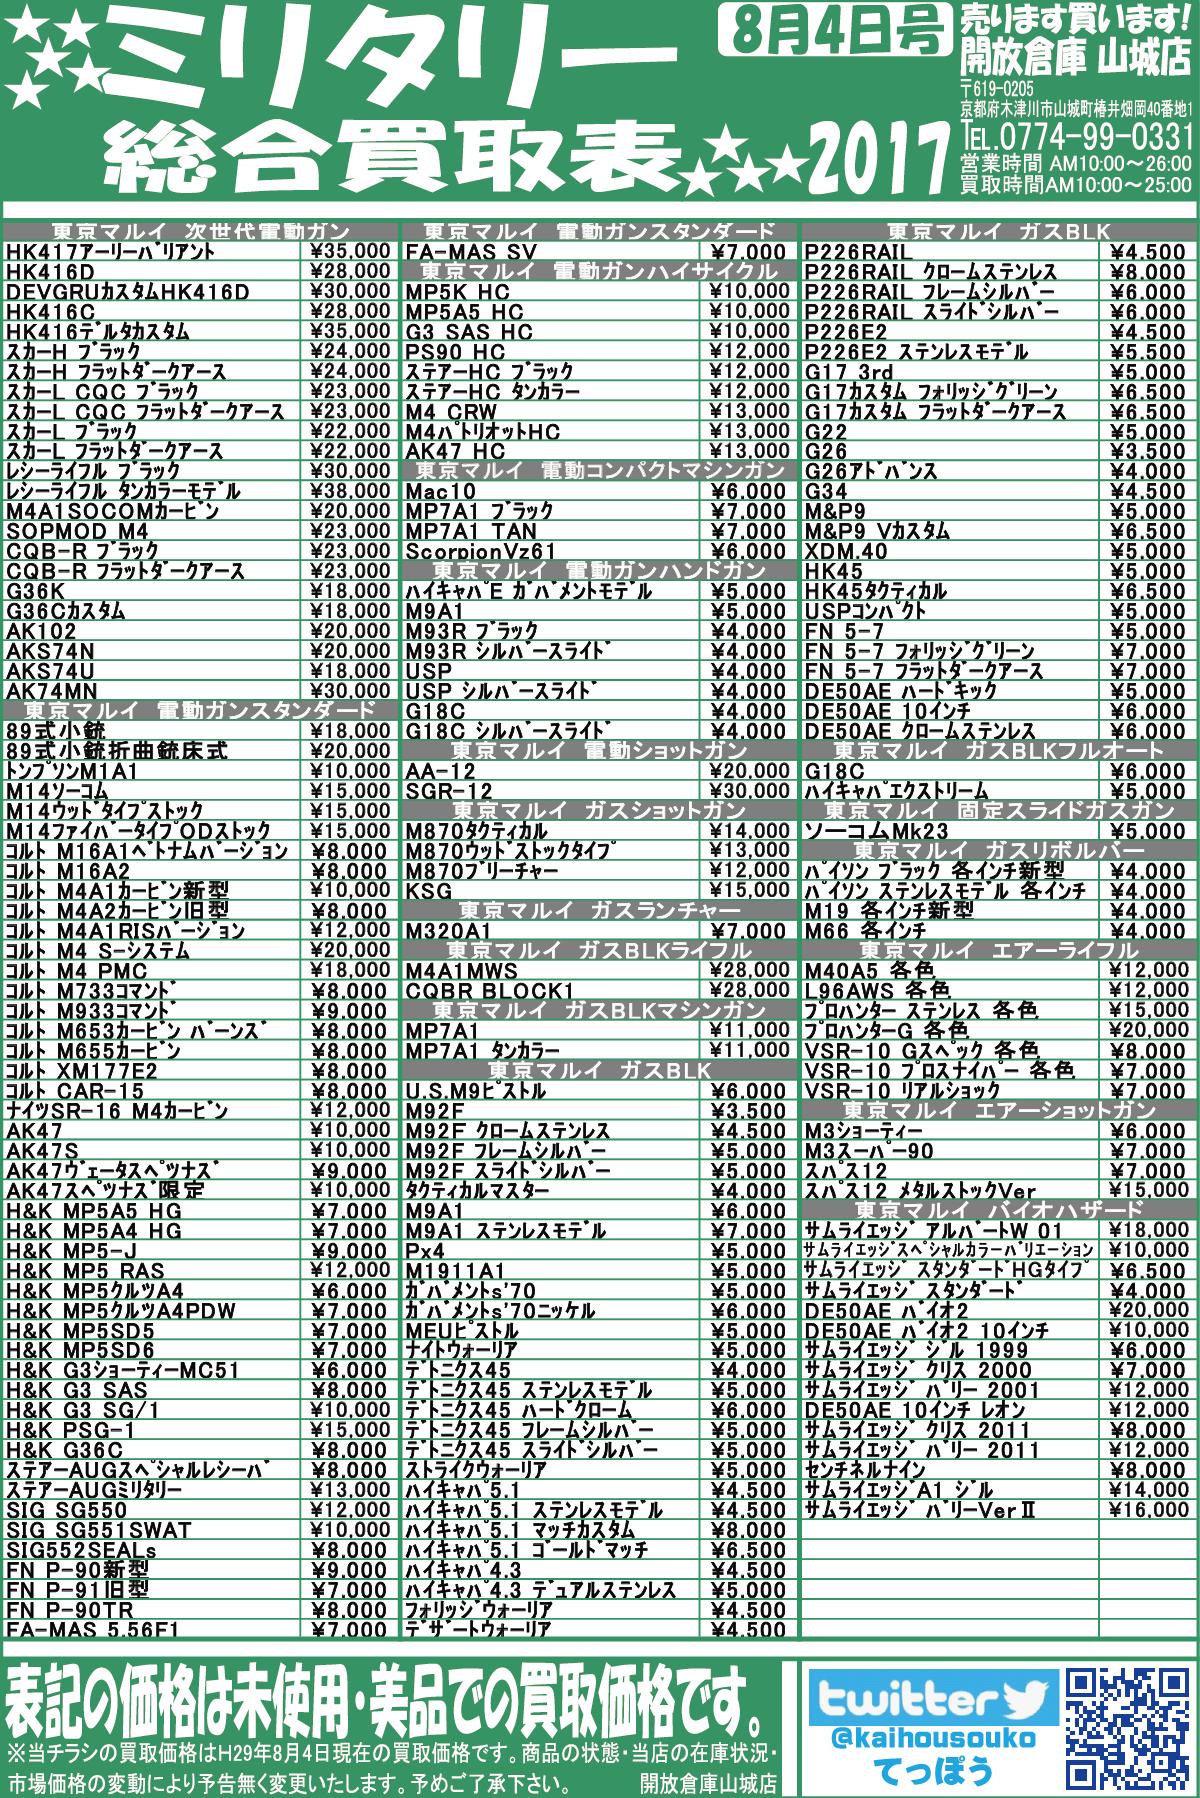 「開放倉庫山城店」ミリタリー総合買取表2017.8月4日号更新しました!